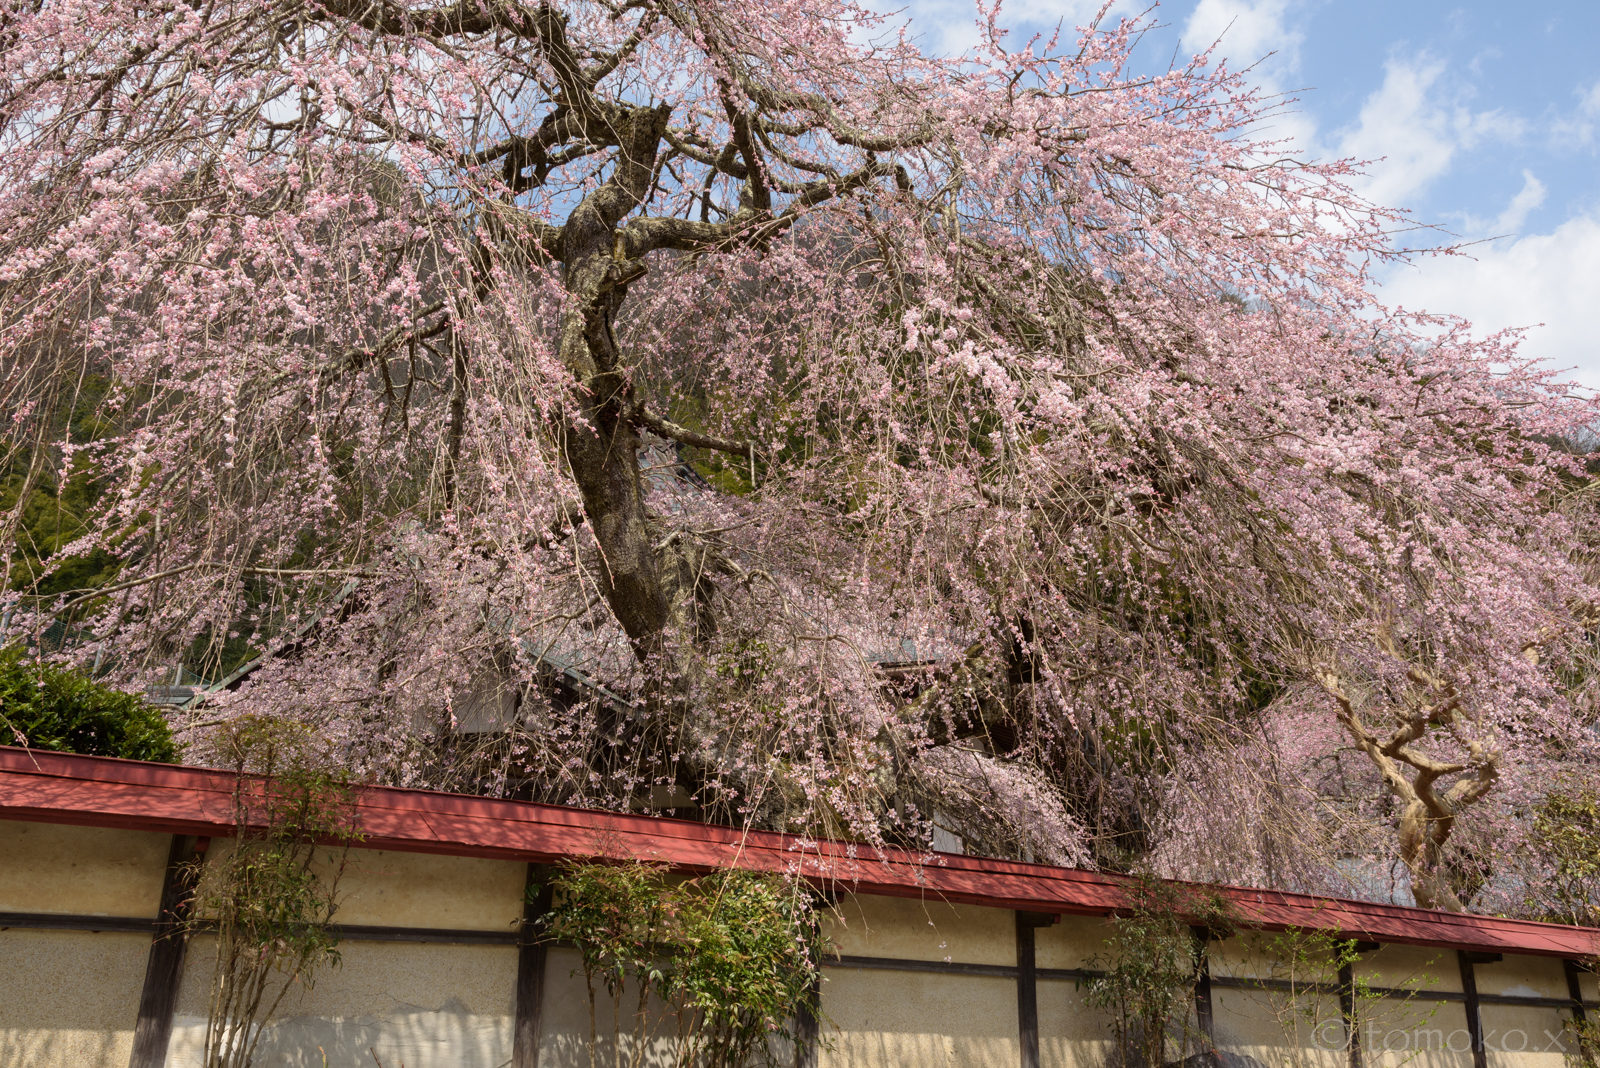 しだれ桜と赤い塀